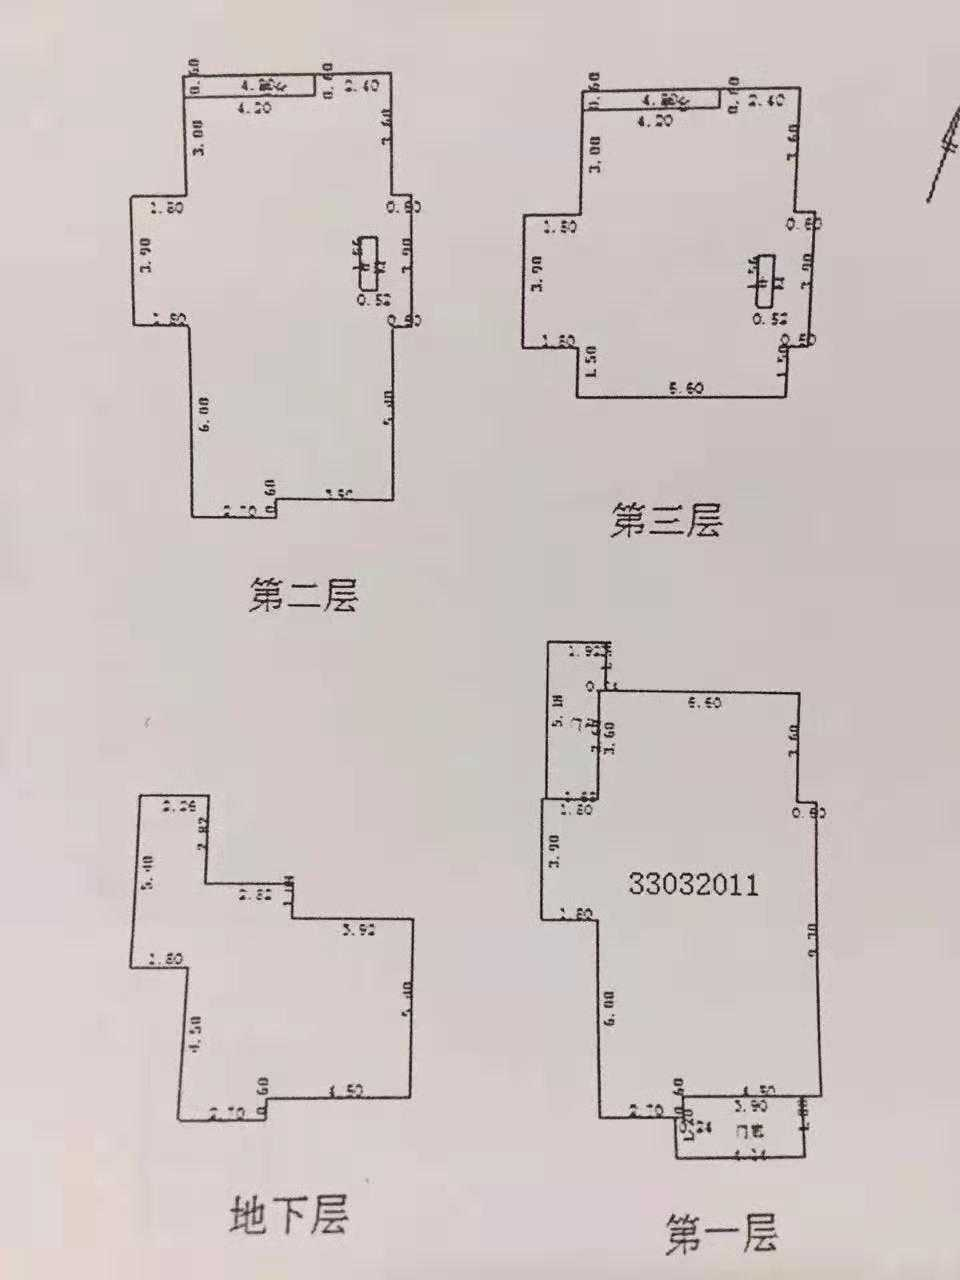 04165.出售独秀山庄双联低层住宅,396平方,毛坯,小区中心位置,有80平的院子的实拍照片